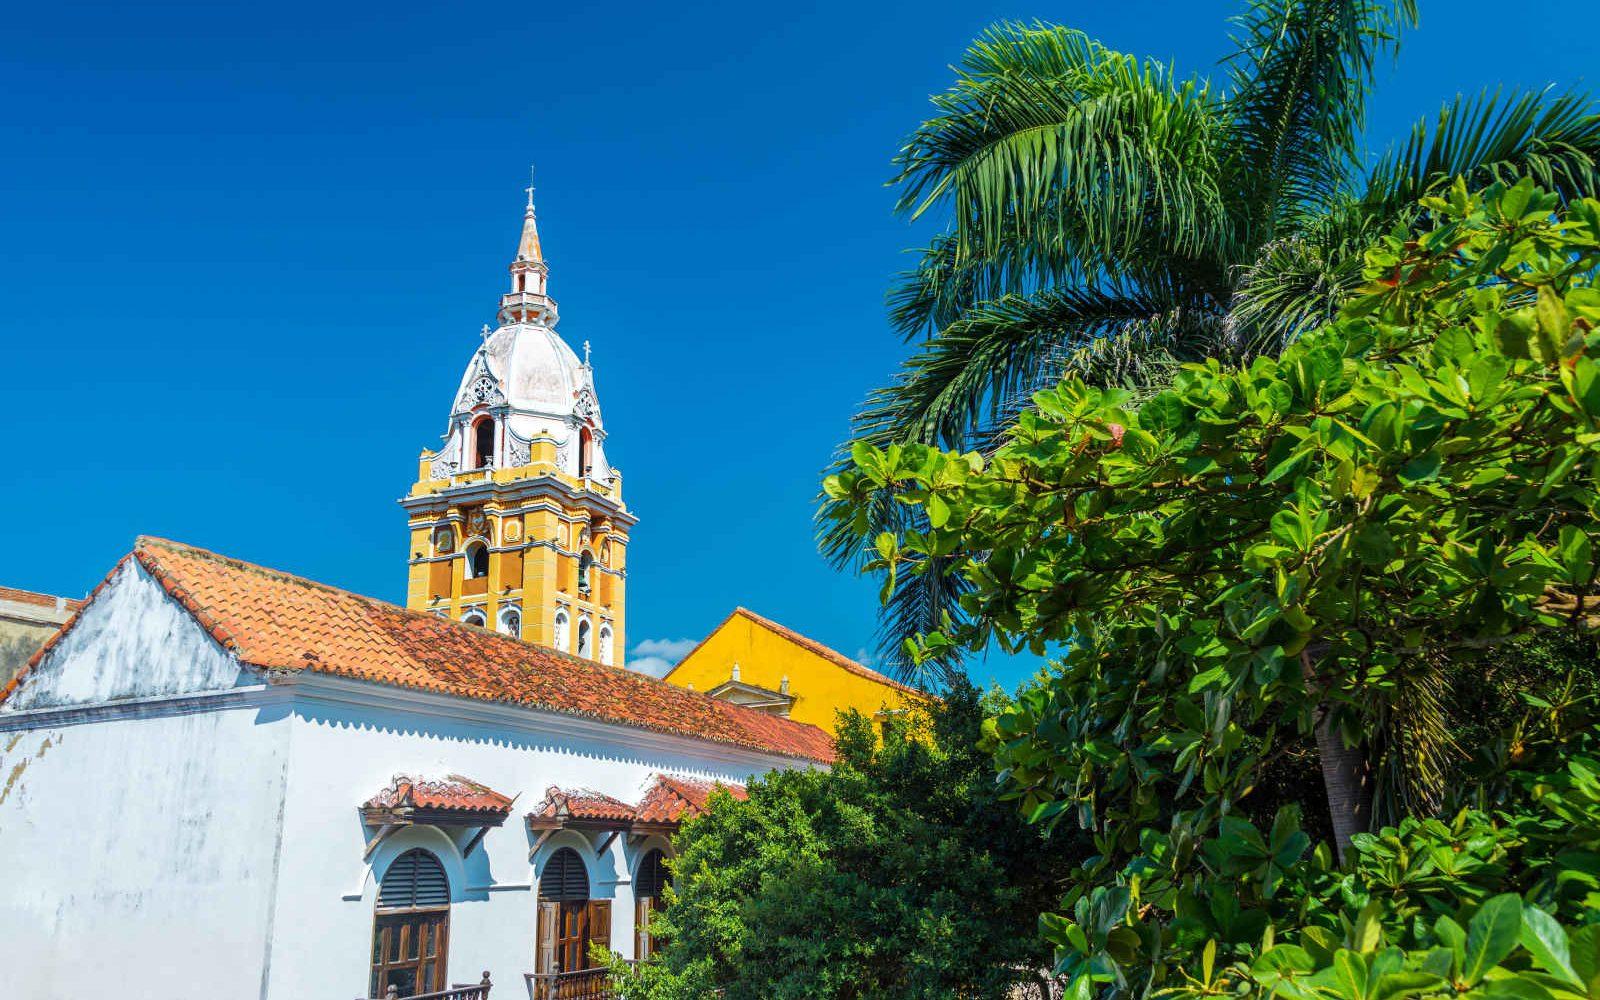 Cathédrale, Carthagène des Indes, Colombie